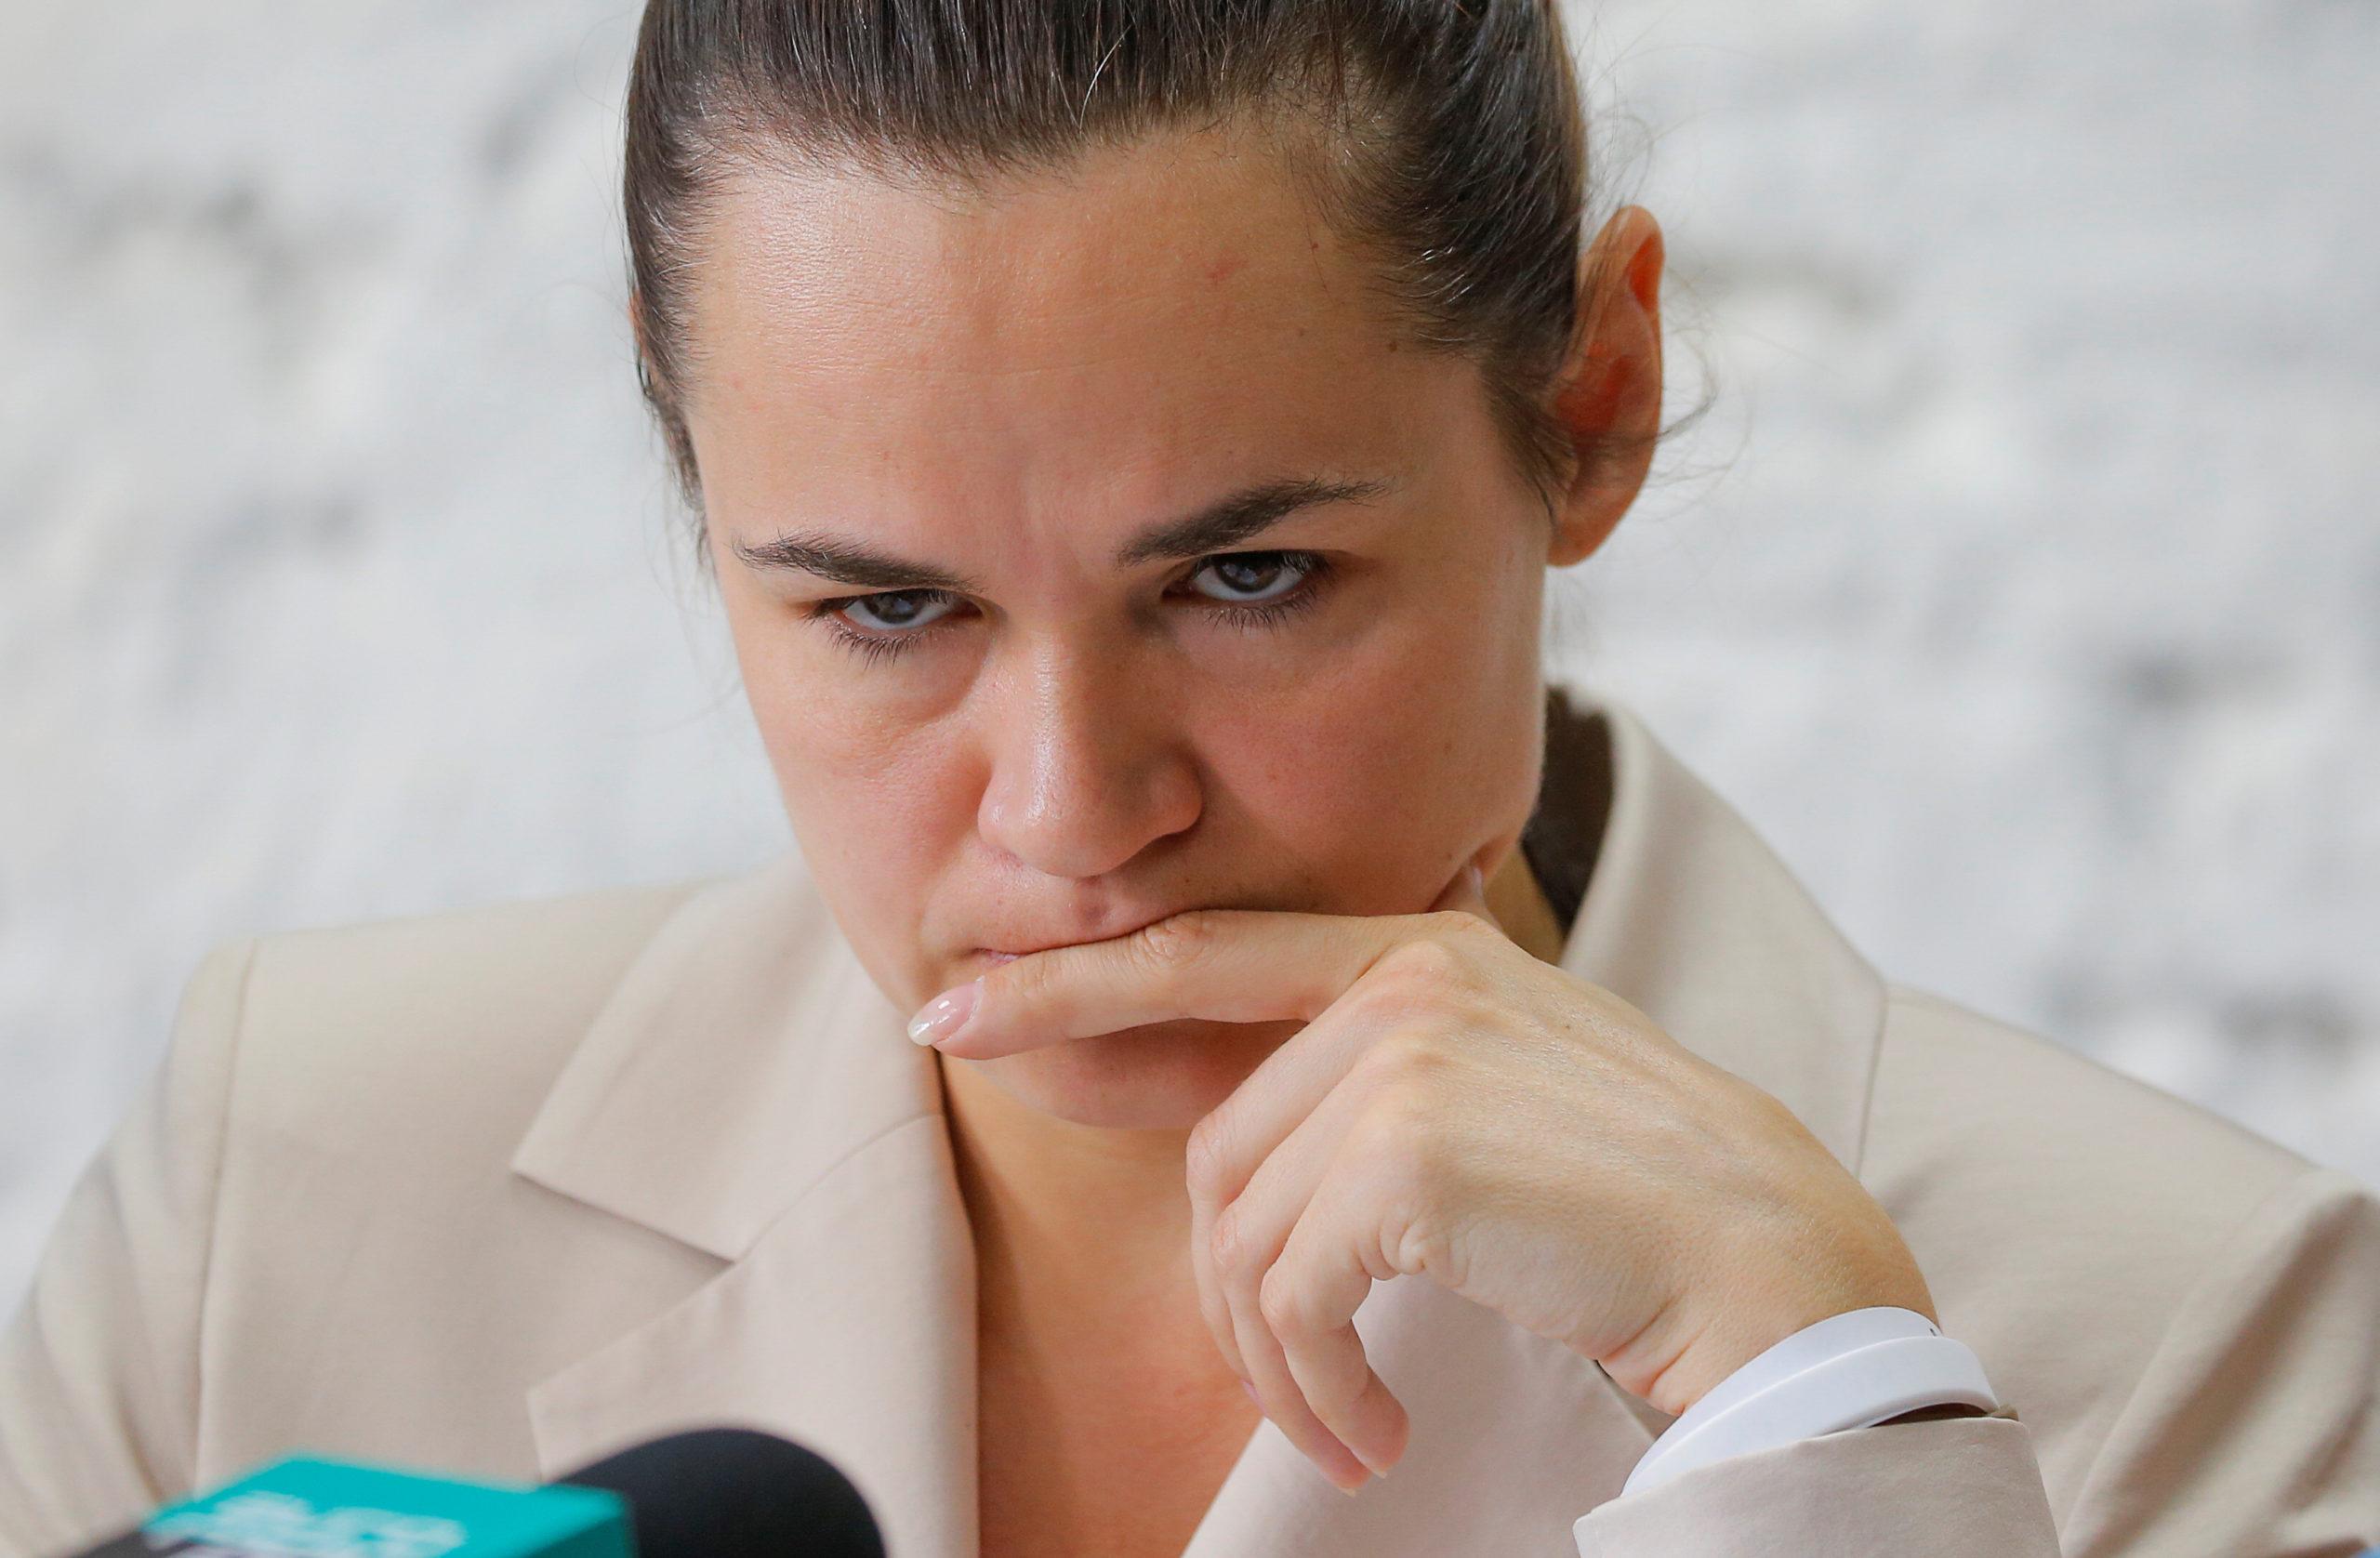 L'opposante biélorusse Tikhanouskaïa se réfugie en Lituanie